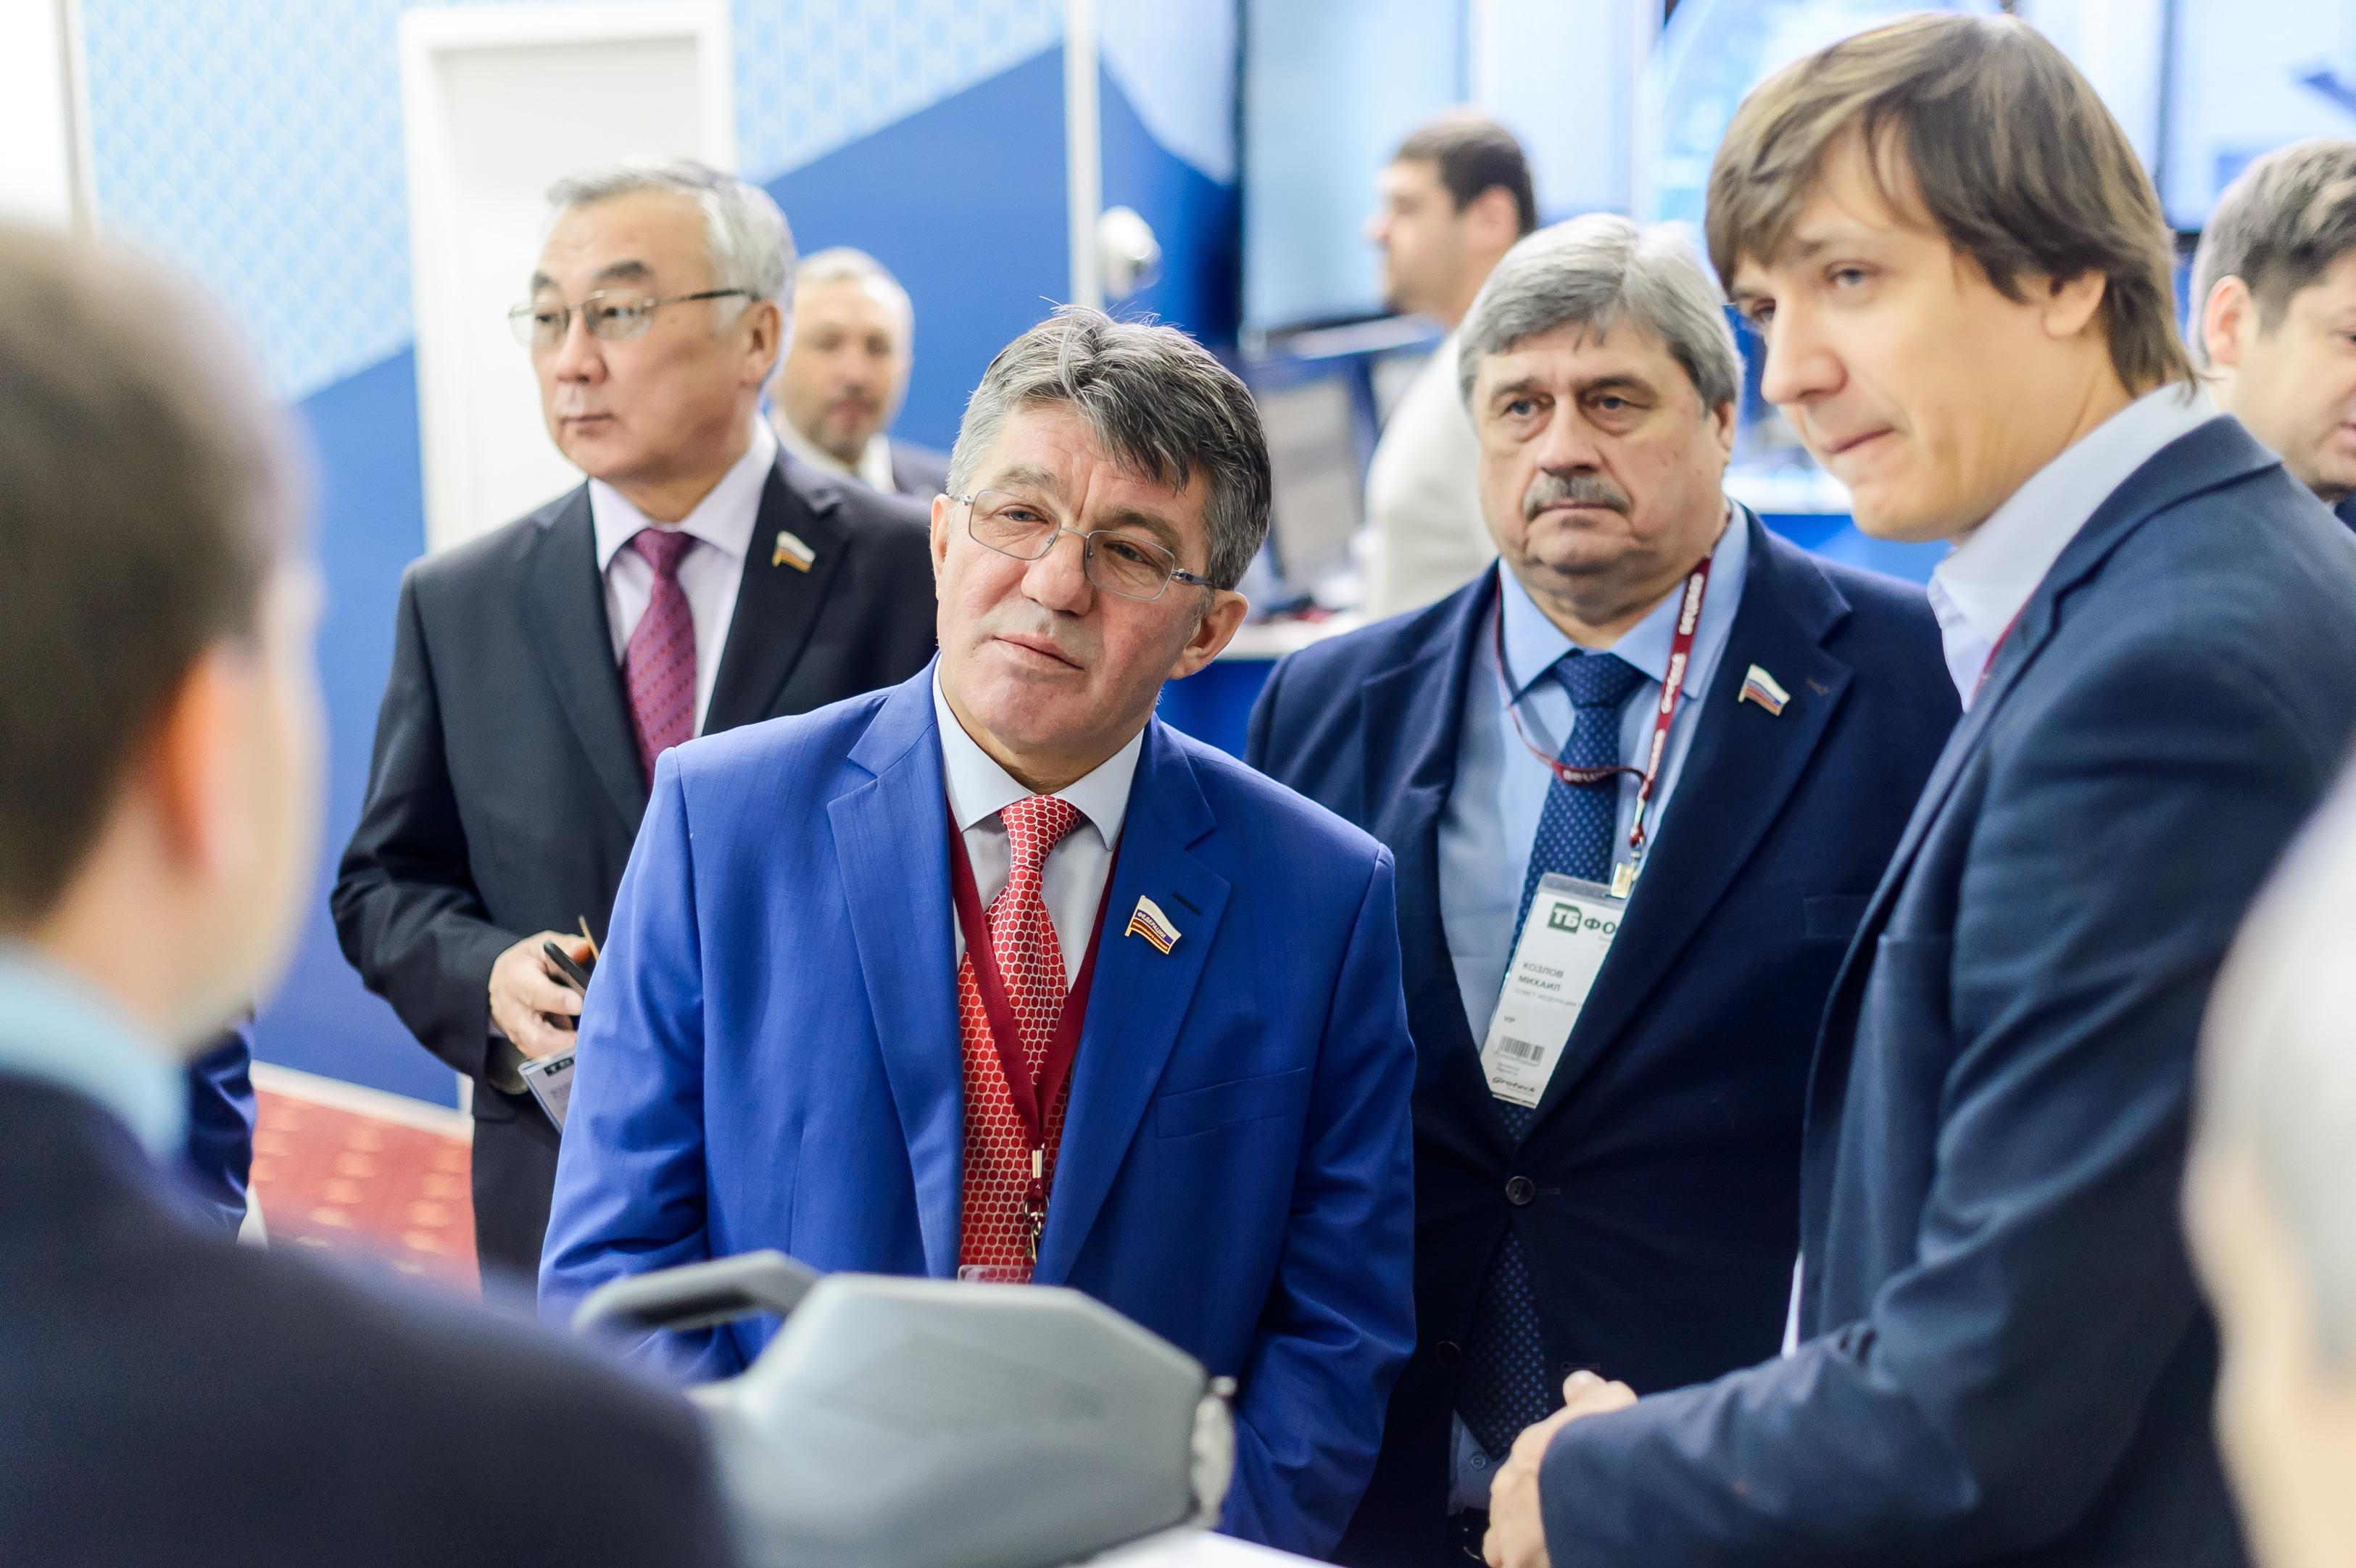 Юбилейный ТБ Форум: успейте присоединиться к смотру решений и технологий для обеспечения безопасности и защищенности объектов и инфраструктуры